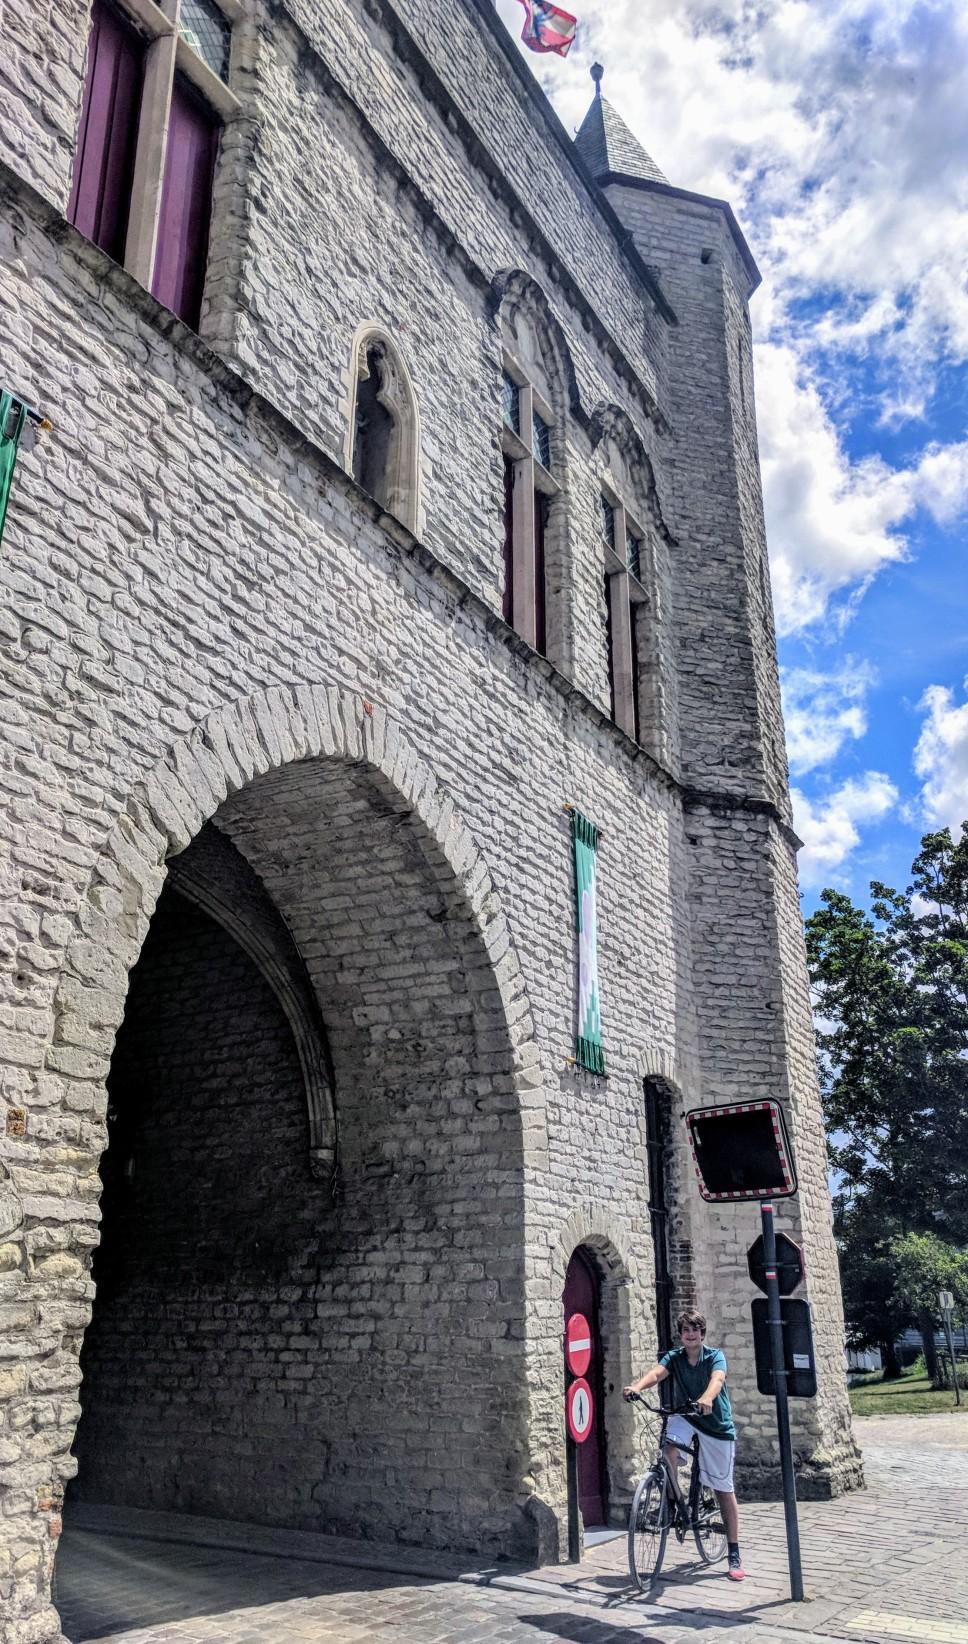 Preserved old city gateway to Bruges